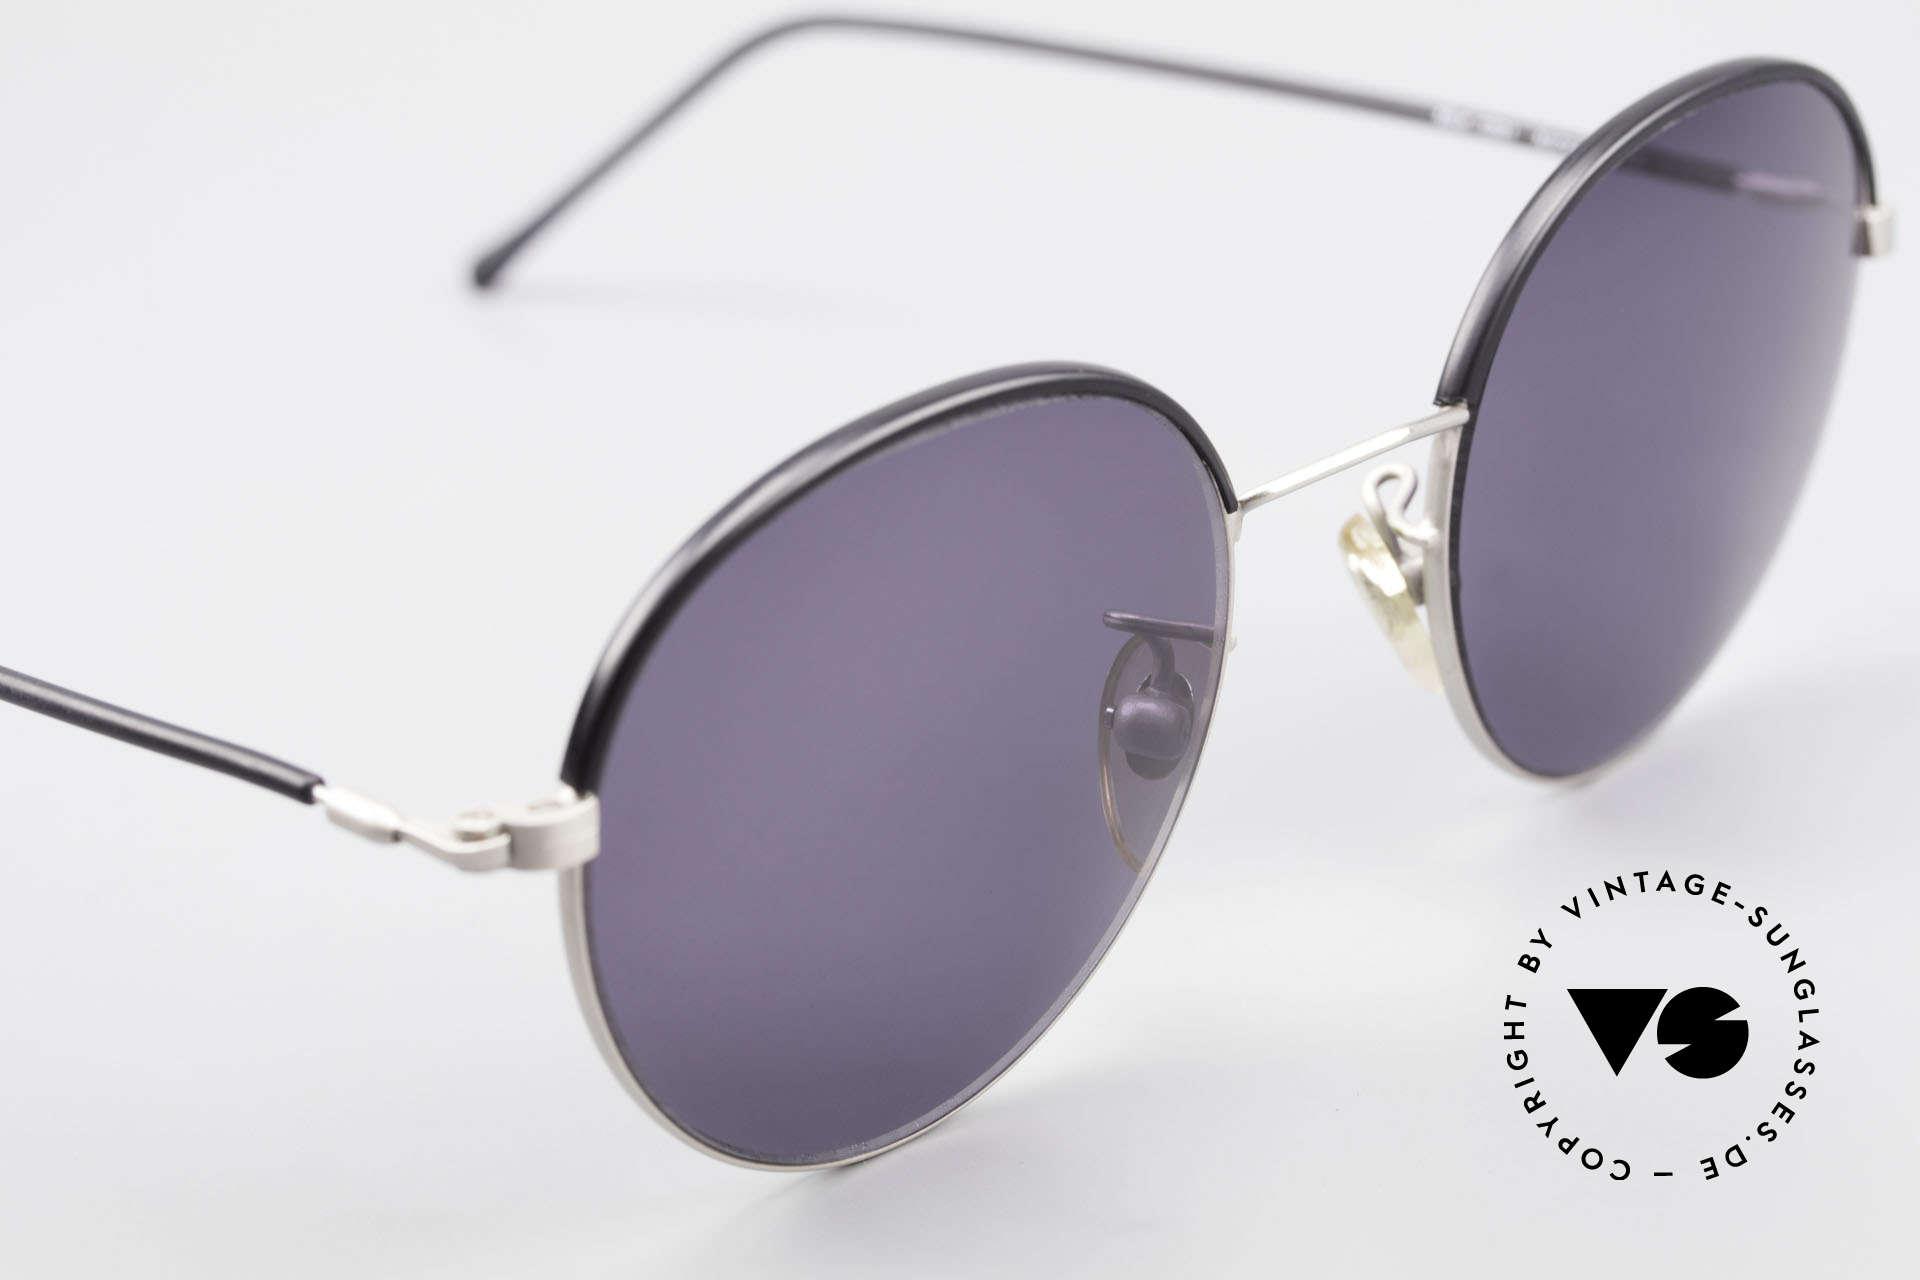 Cutler And Gross 0391 Runde Designer Pantobrille, ungetragen; Modell ist auch beliebig optisch verglasbar, Passend für Herren und Damen